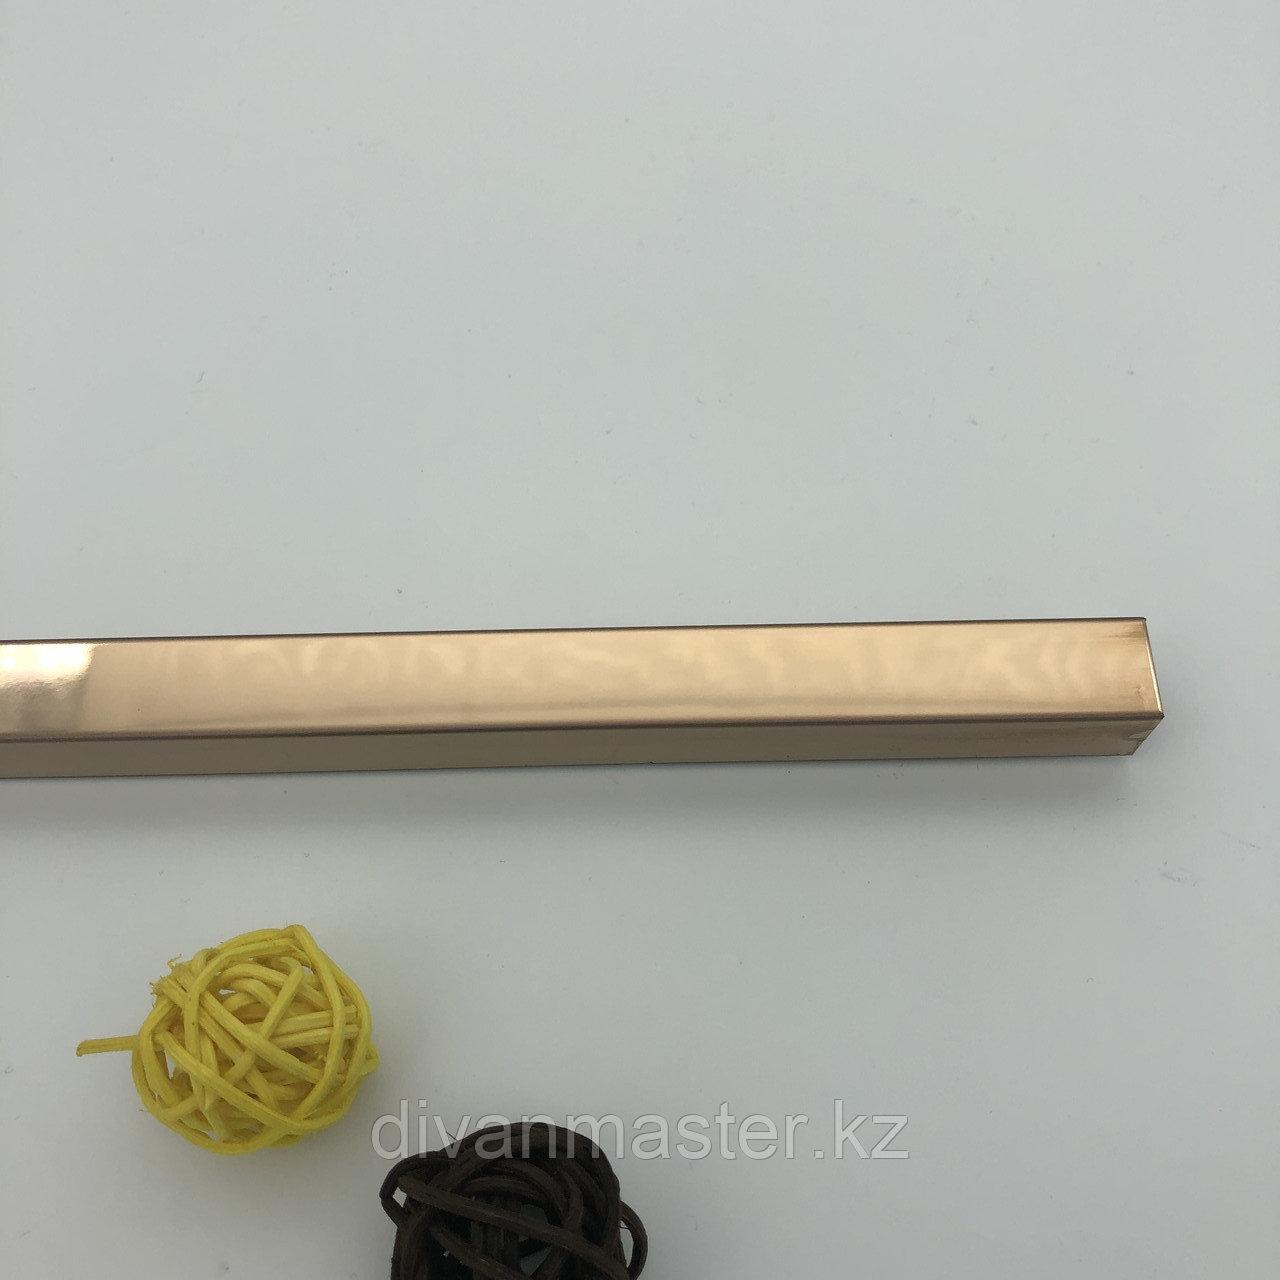 12*15, розовое зерк.золото - Профиль для декорирования мебели,  розовое зеркальное золото, 305 см